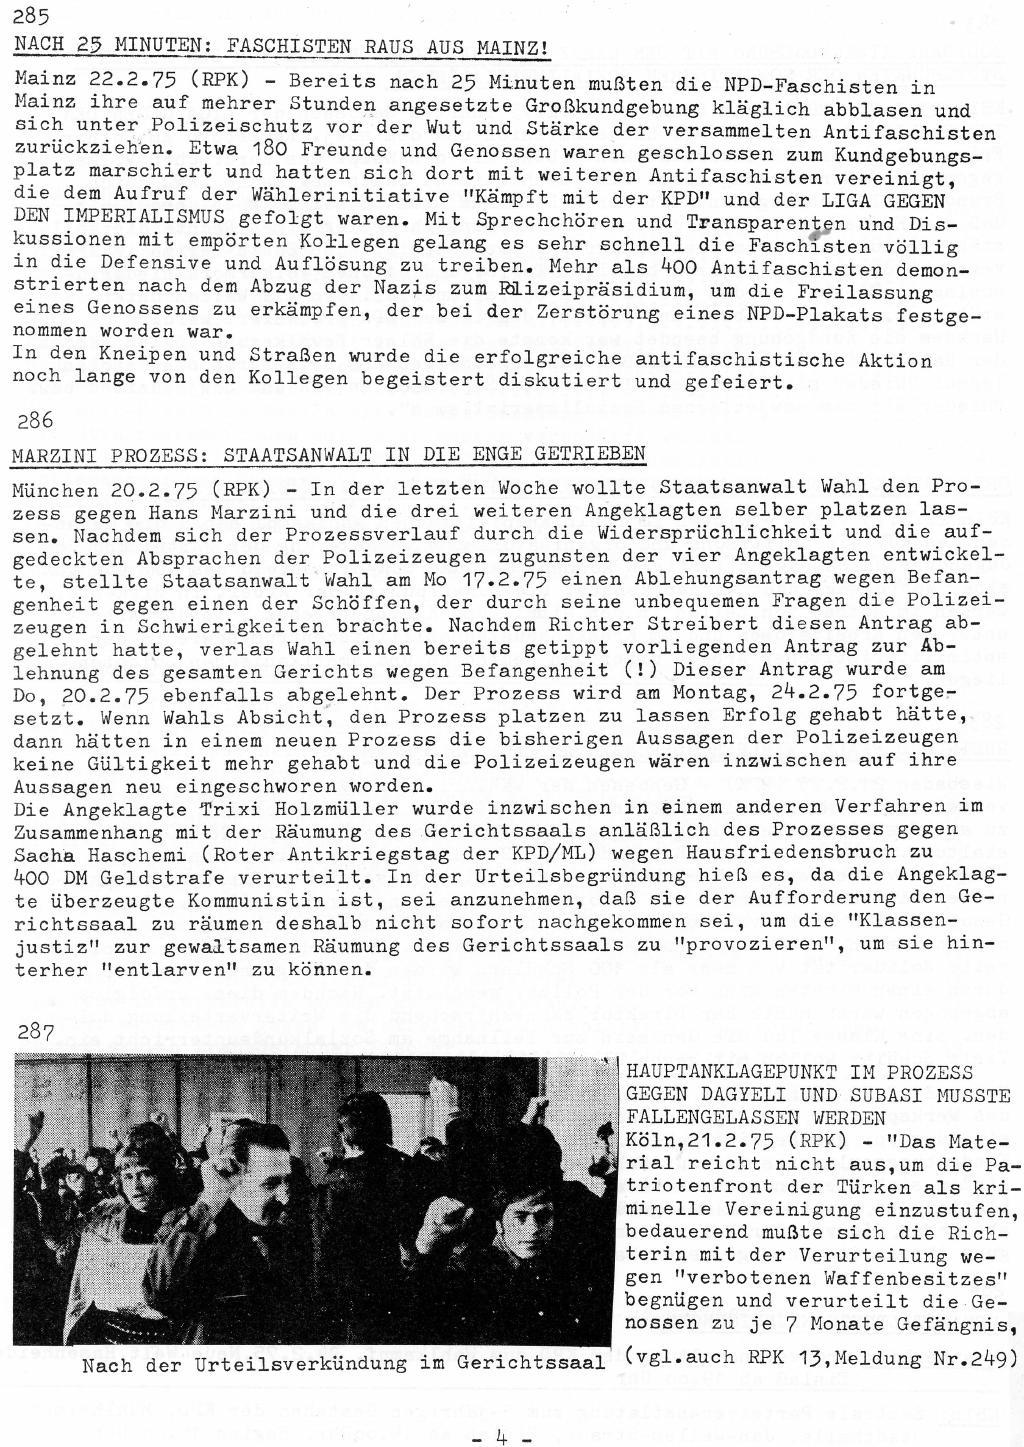 RPK_Pressedienst_1975_14_04